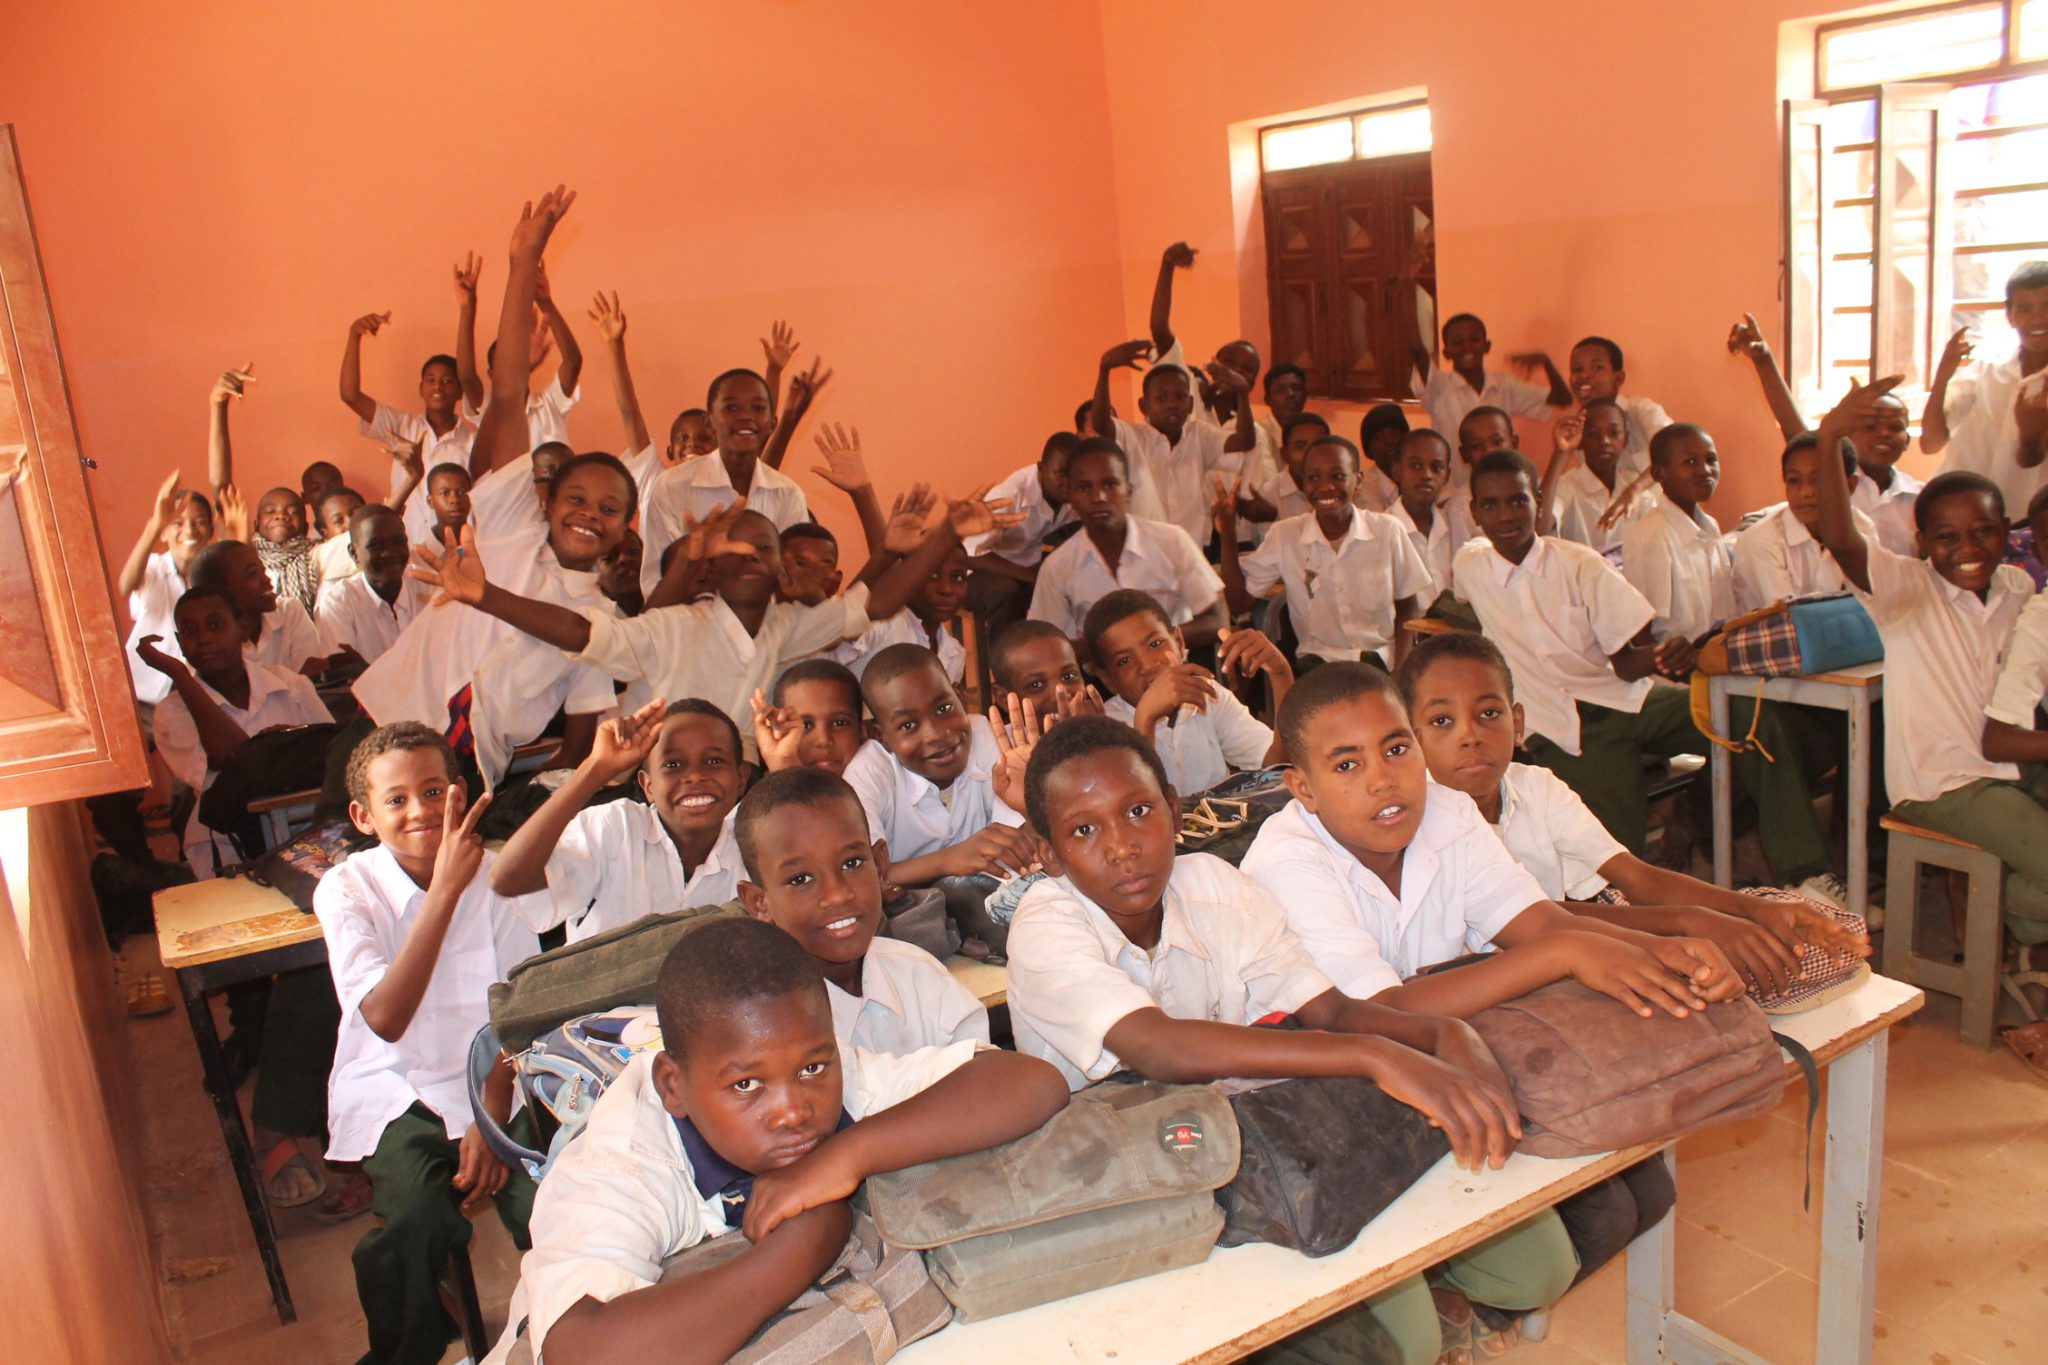 الحرمان من التعليم يهدد ملايين الأطفال